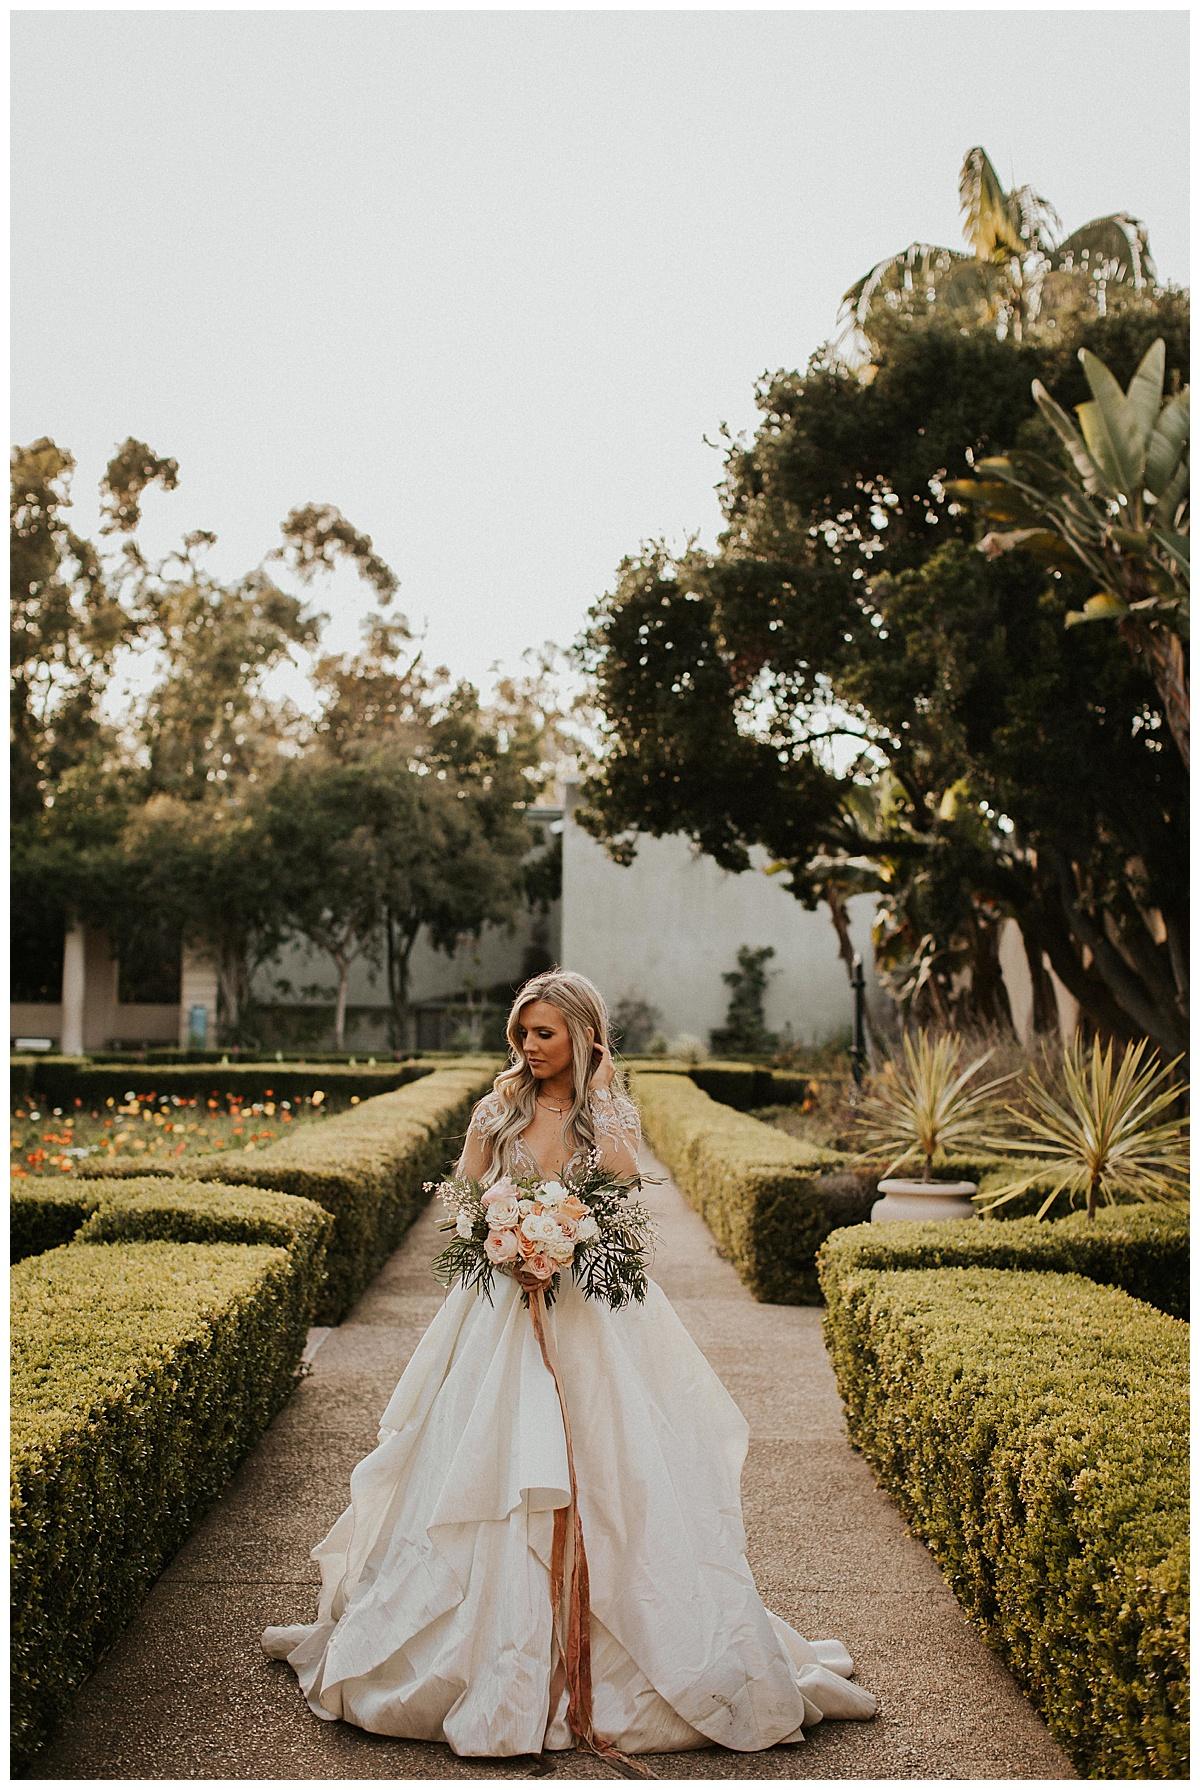 Bixby+Pine-Sarah-Anne-Photography-Balboa-Park-San-Diego-Californai_0021.jpg